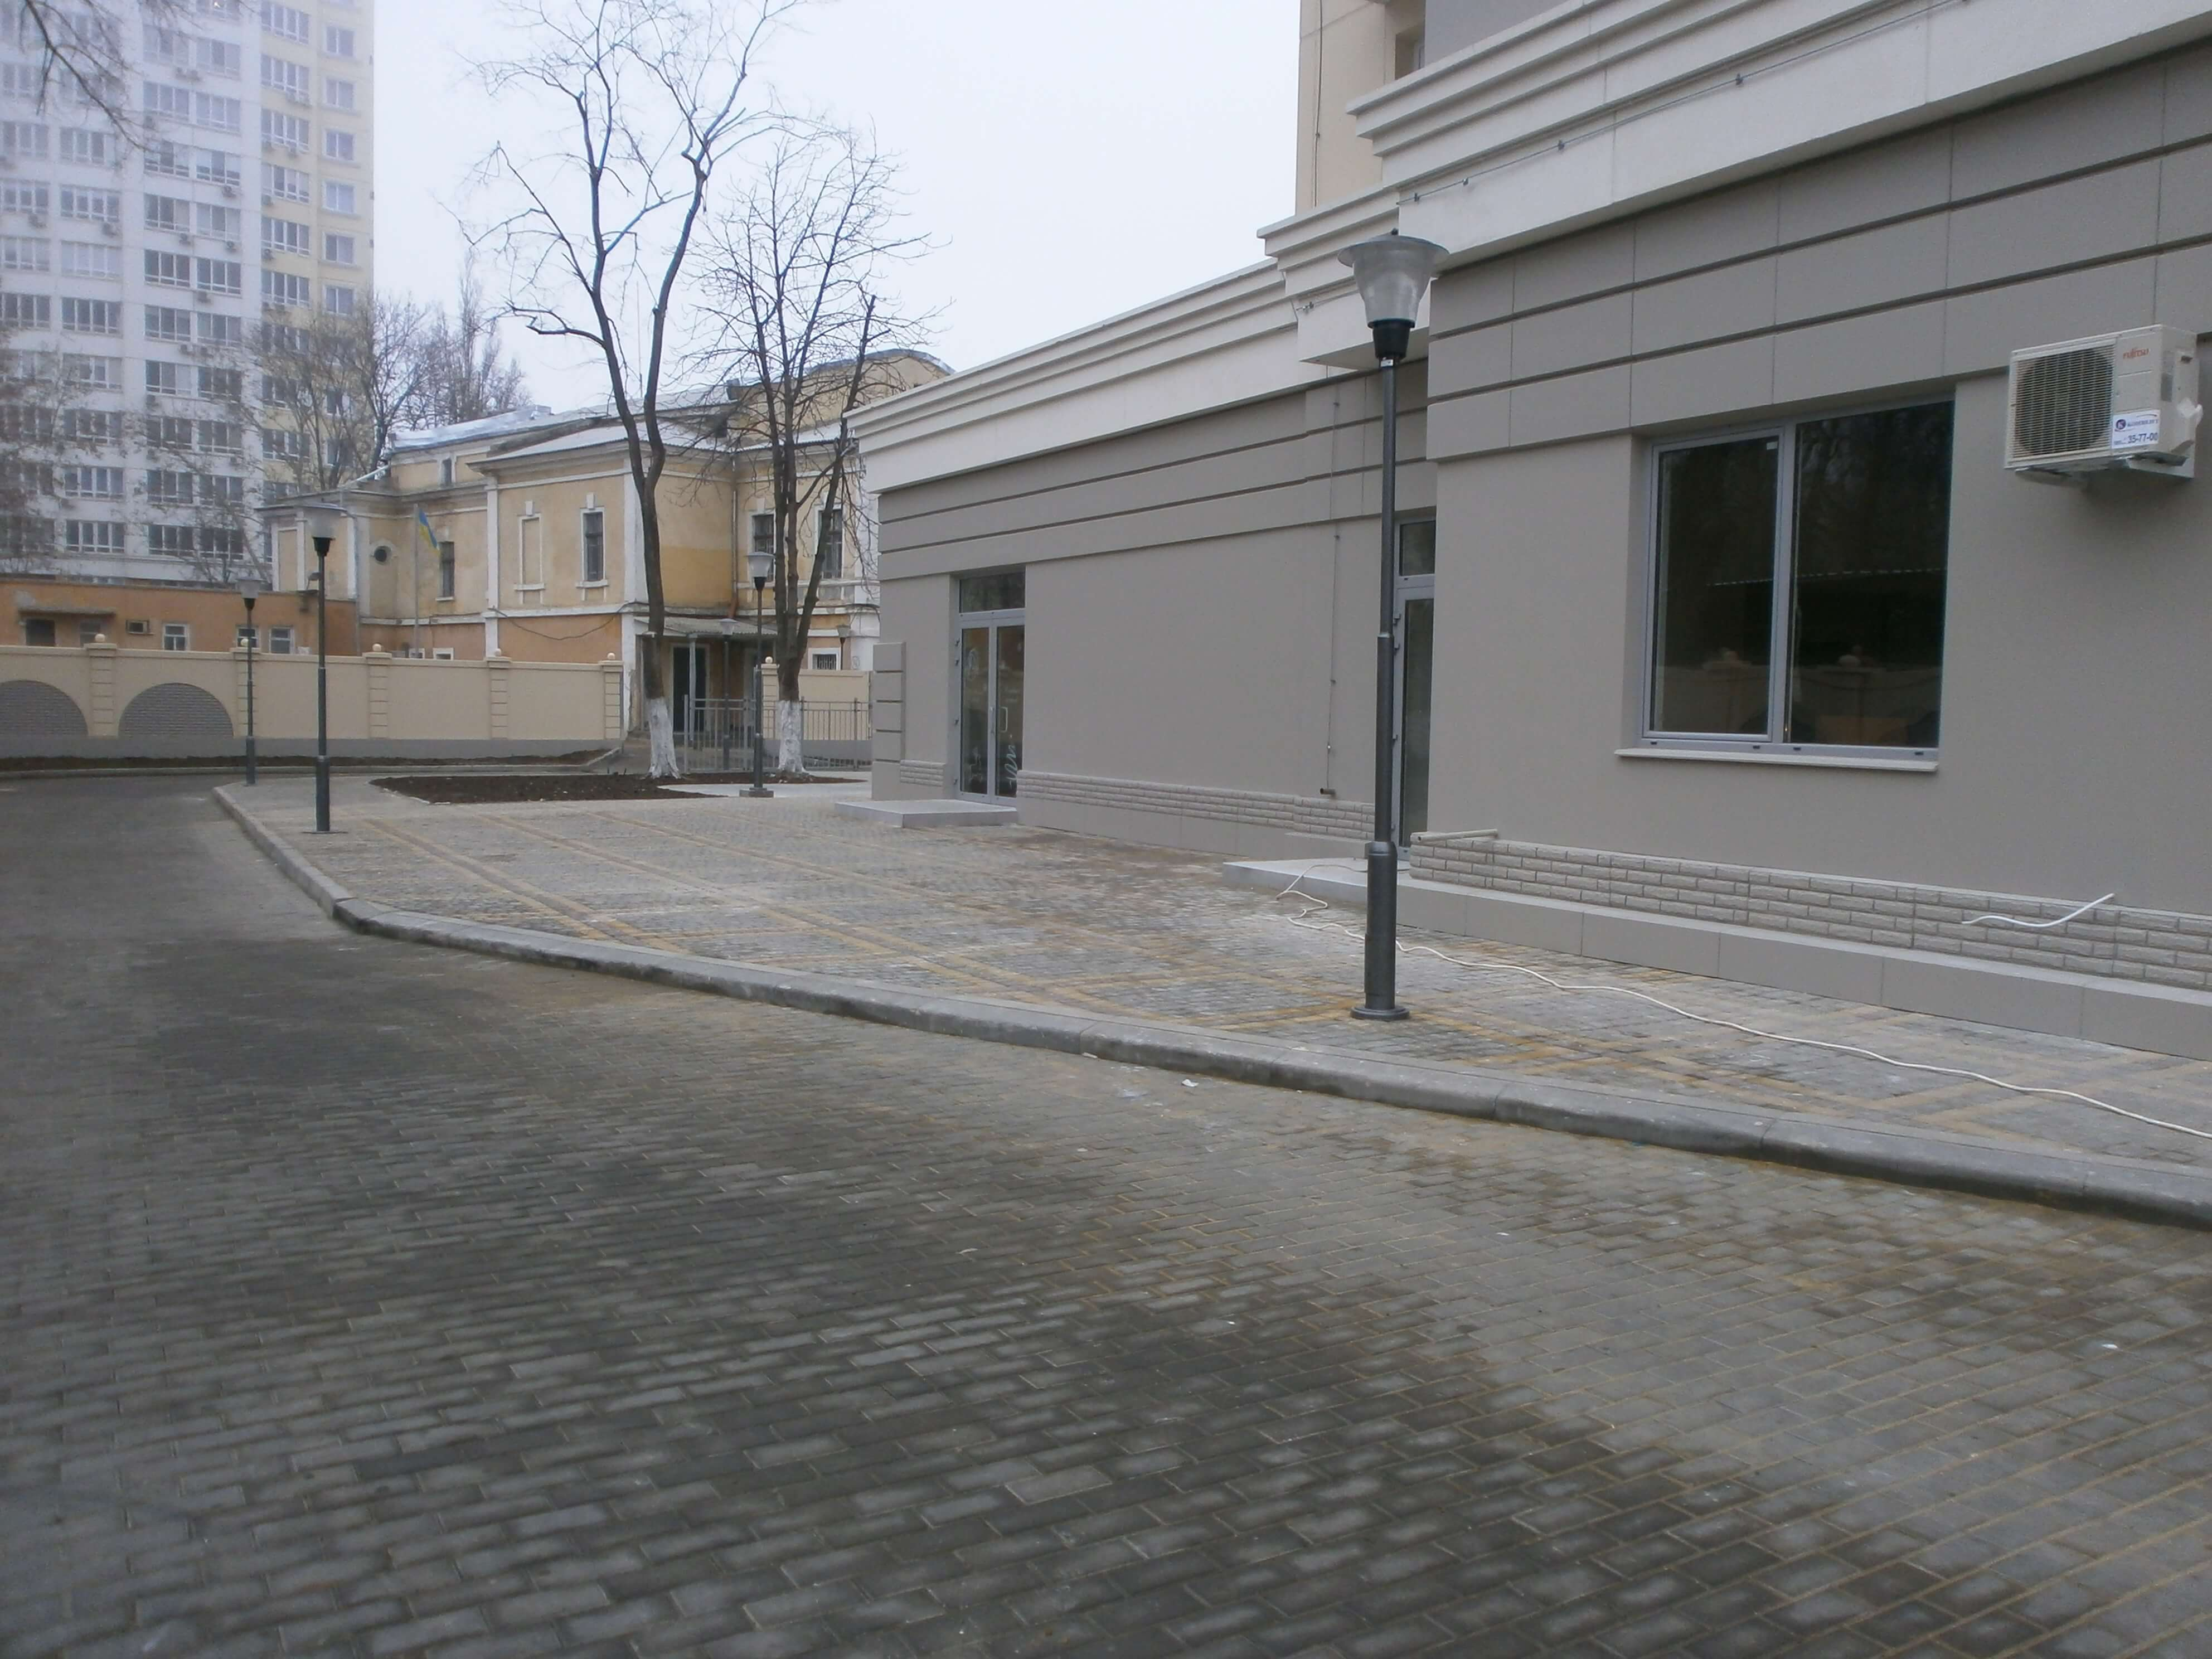 Кровельные работы для ЖК «Звездный городок 2», ул. Маршала Говорова, 10 -фото 4